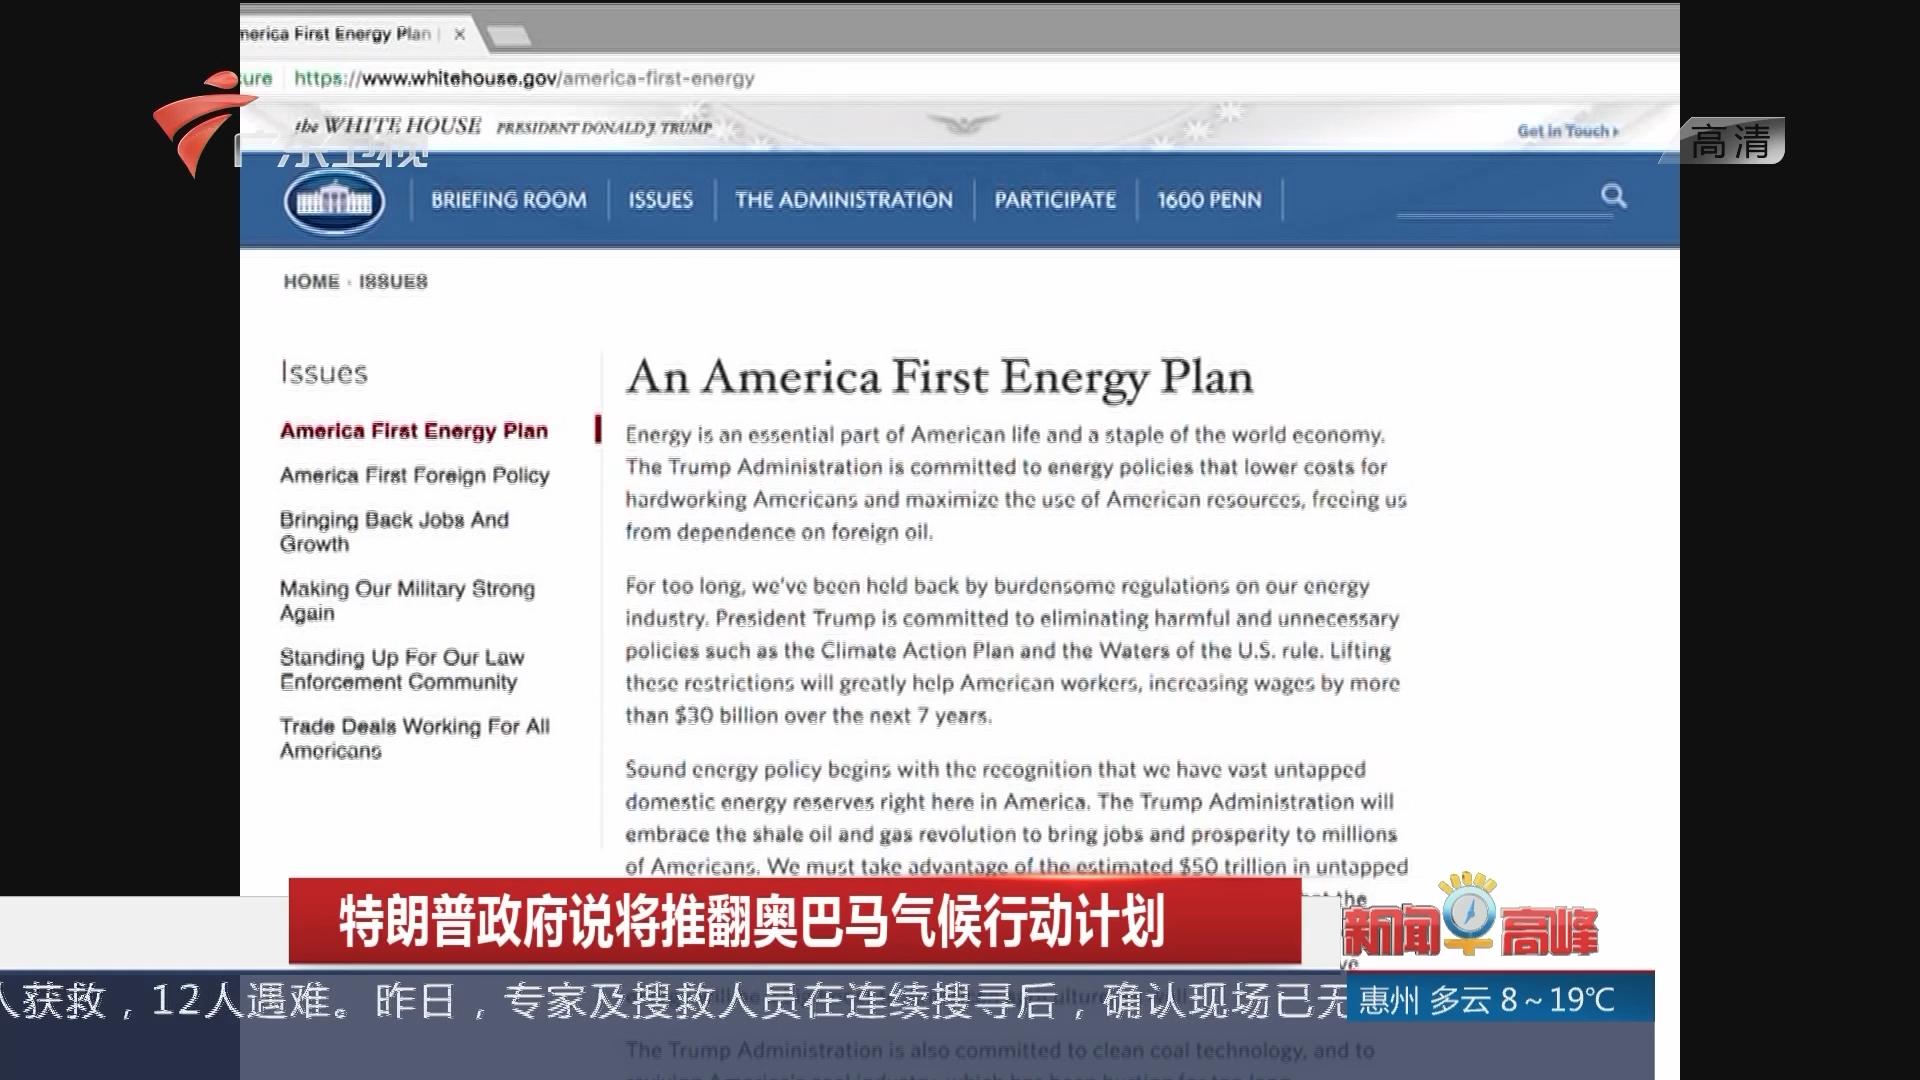 特朗普政府说将推翻奥巴马气候行动计划